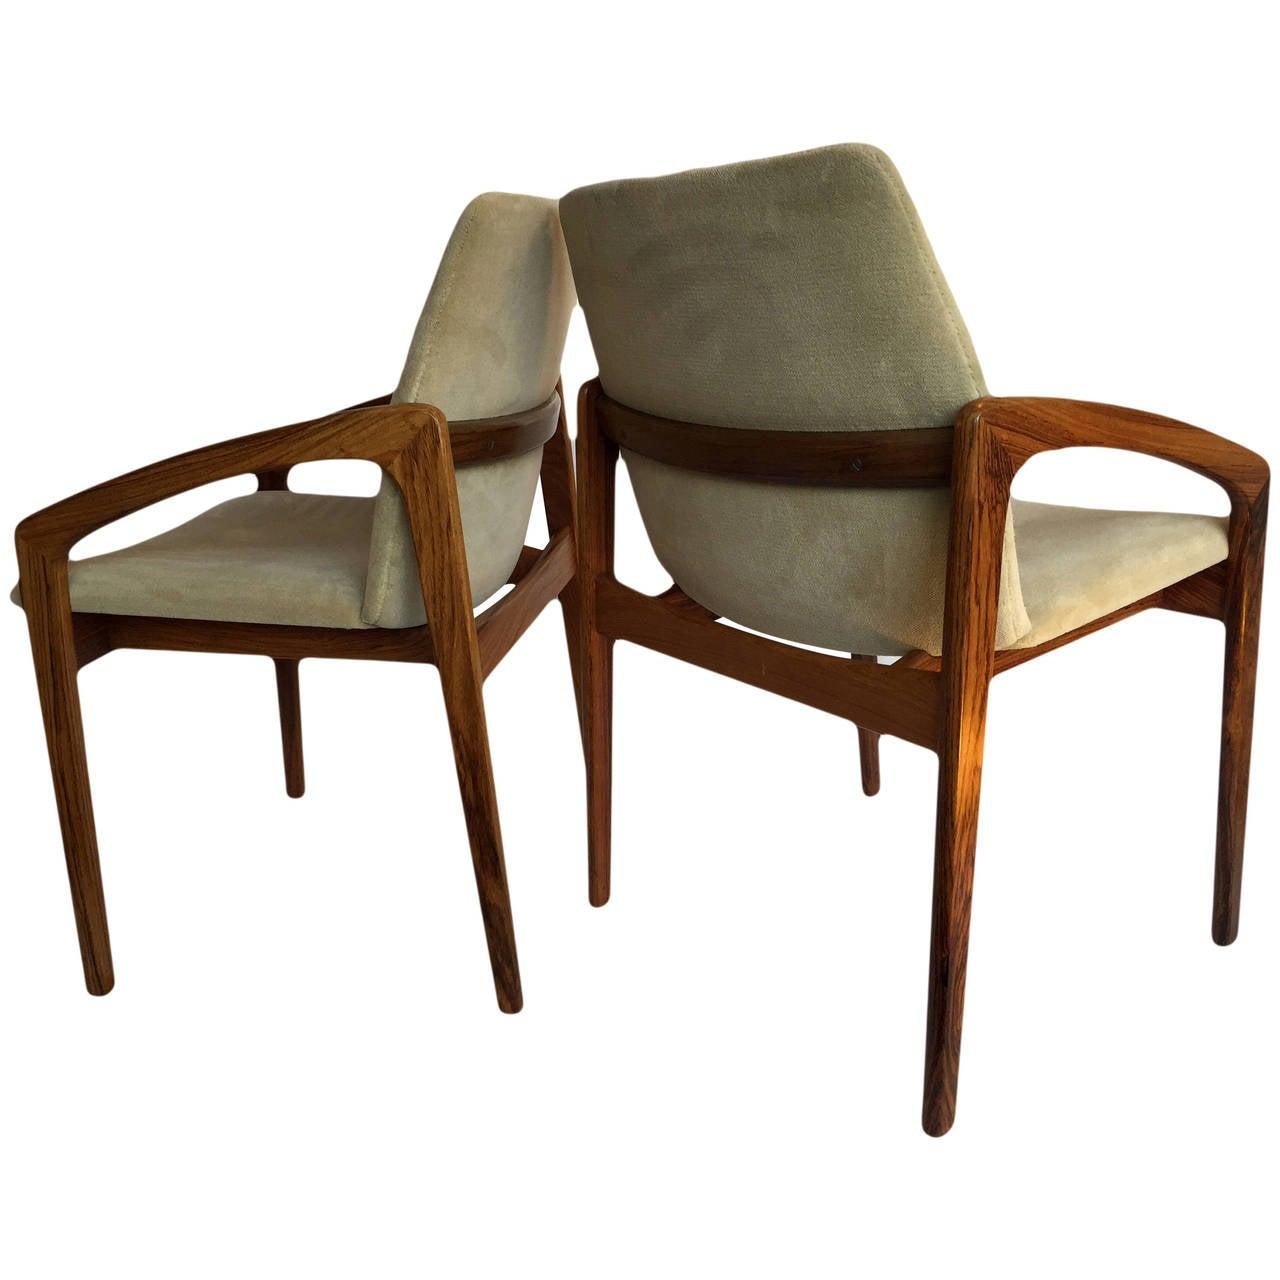 Kai Kristiansen Rosewood Dining Chairs set of 4 at 1stdibs